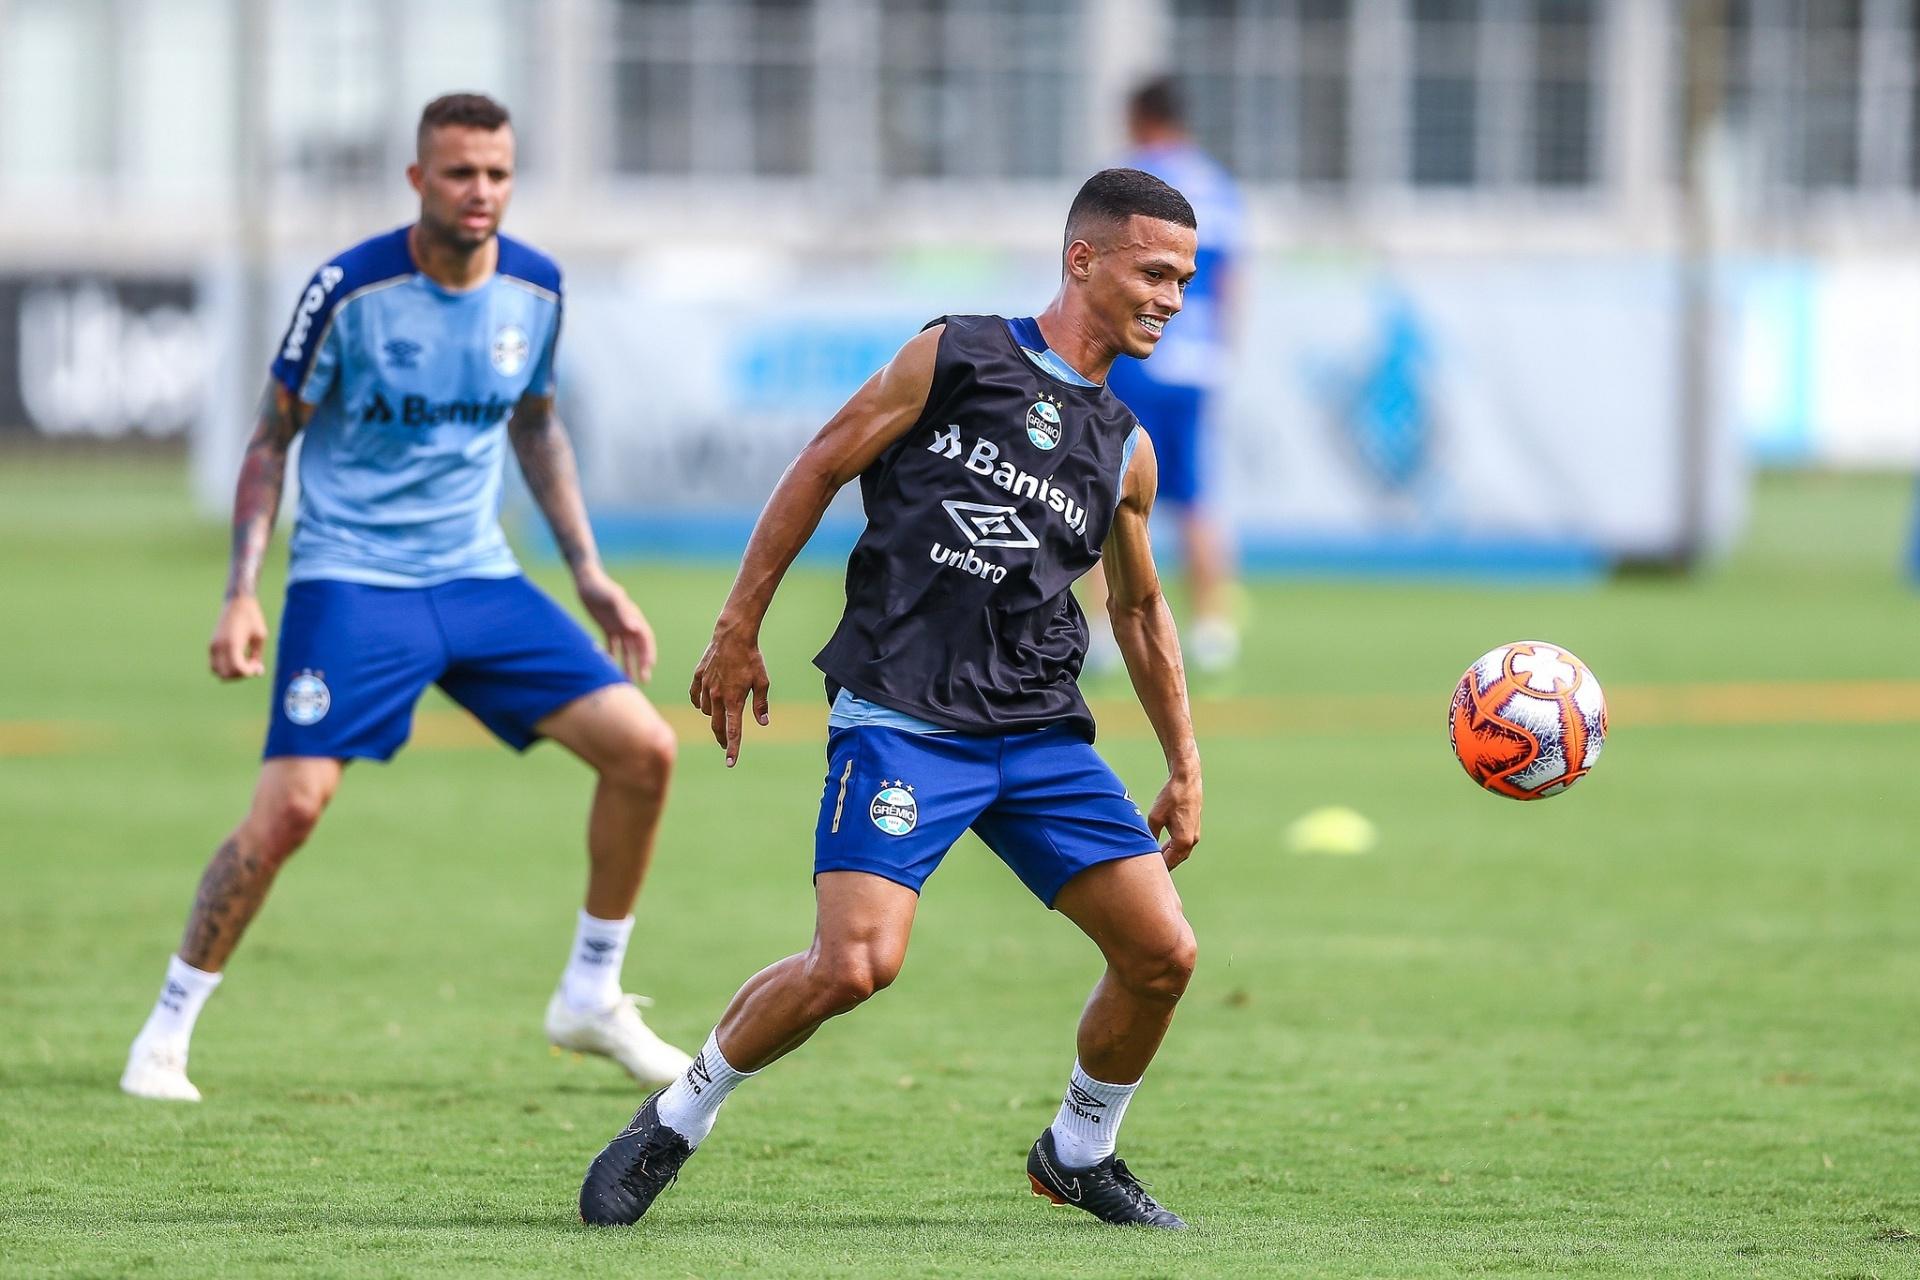 318f406b6f Grêmio inscreve no Gauchão promessas badaladas e volante sensação - 19 01  2019 - UOL Esporte